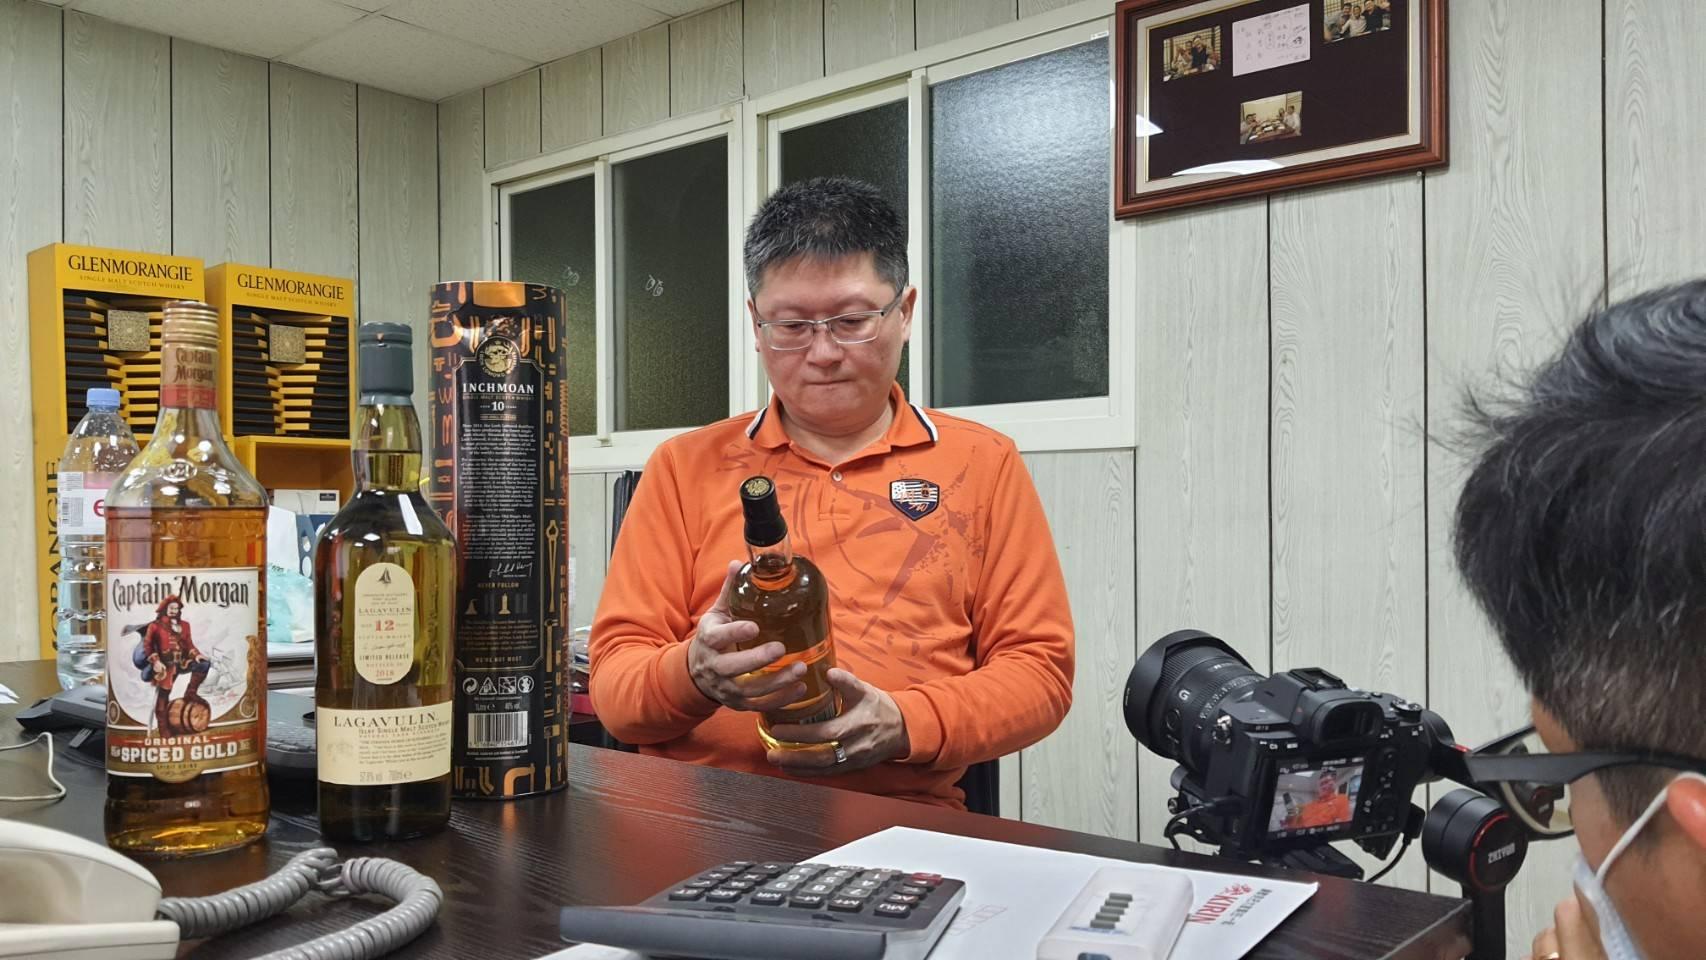 星澤國際-讓世界都看見-電視專訪節目-酒條通-游祈盛與楊含容監督製作